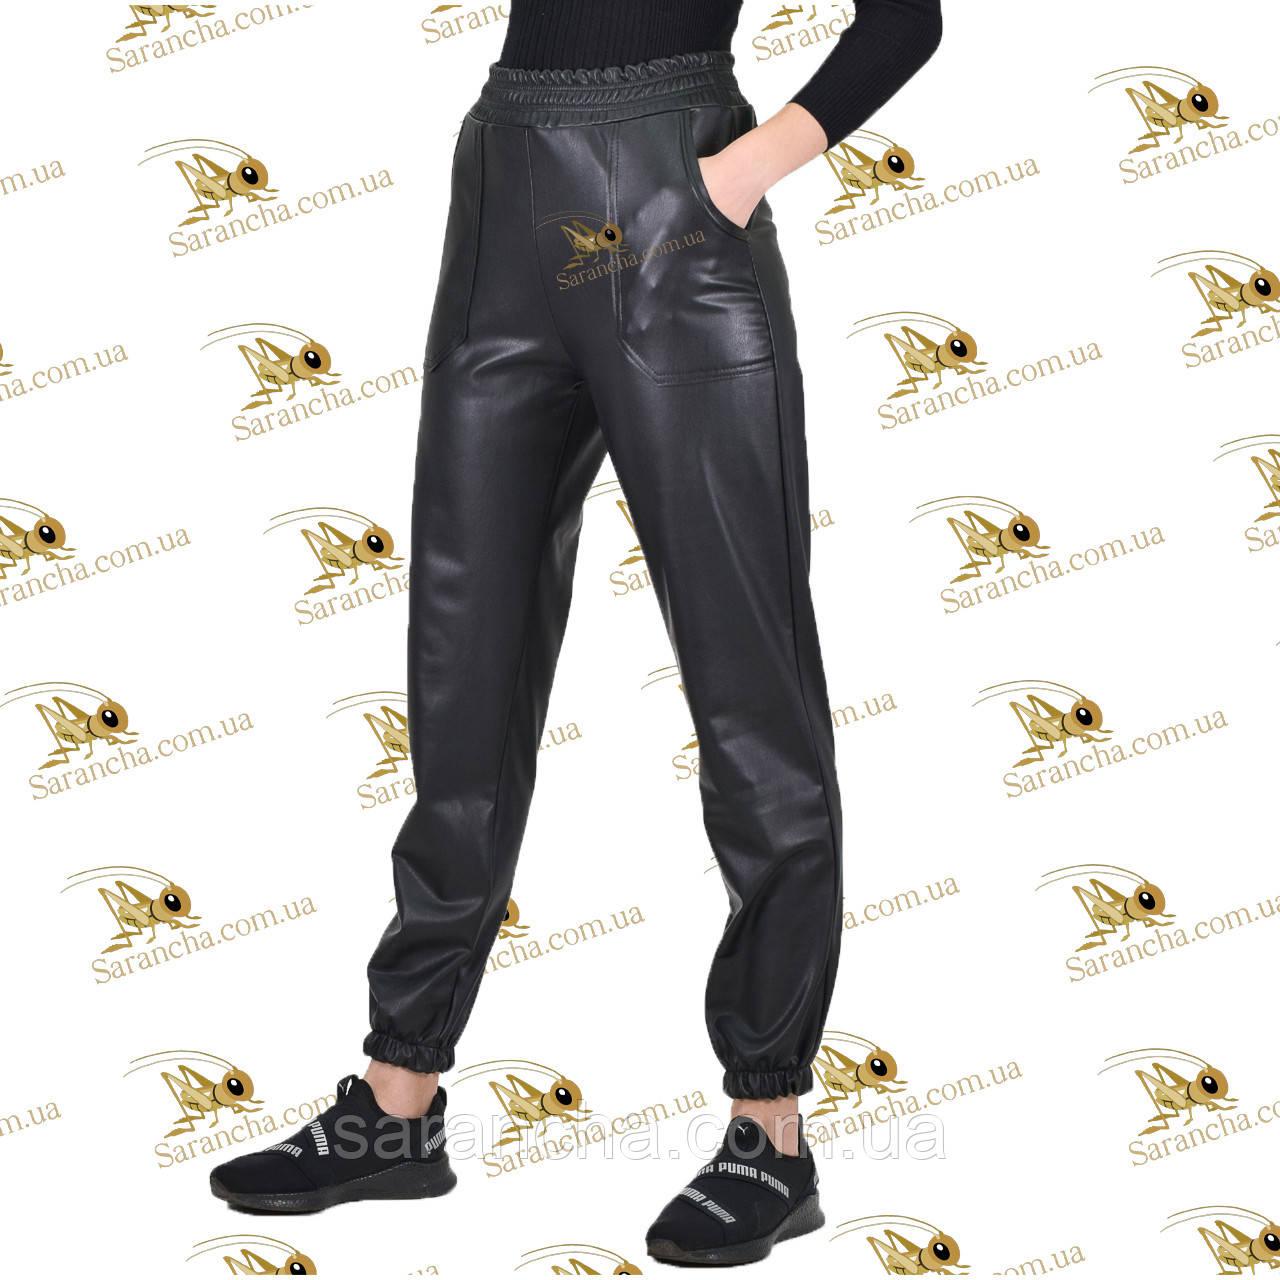 Утепленные брючки с накладными карманами на манжете-резинке черная эко-кожа на меховом велюре